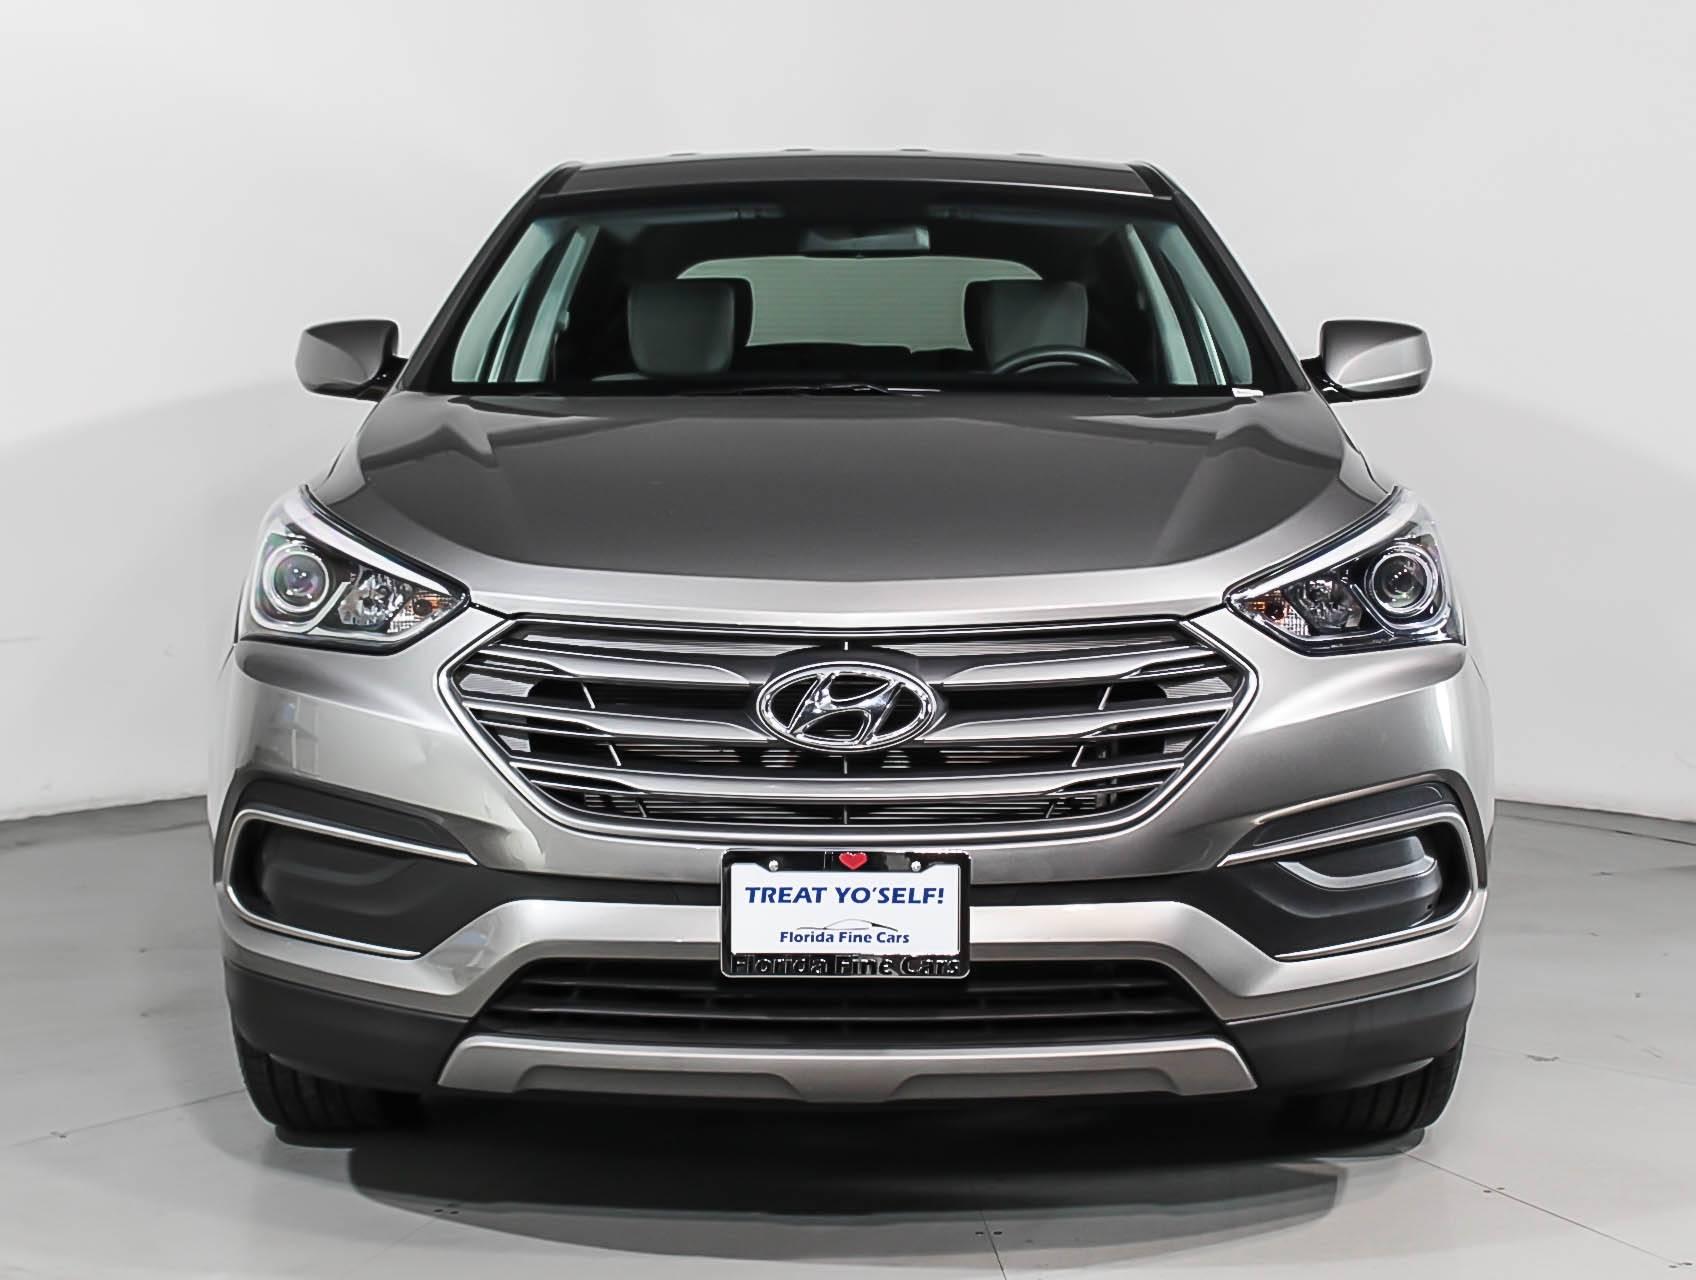 Used 2018 Hyundai Santa Fe Sport Suv For Sale In Miami Fl 98415 Black Compare